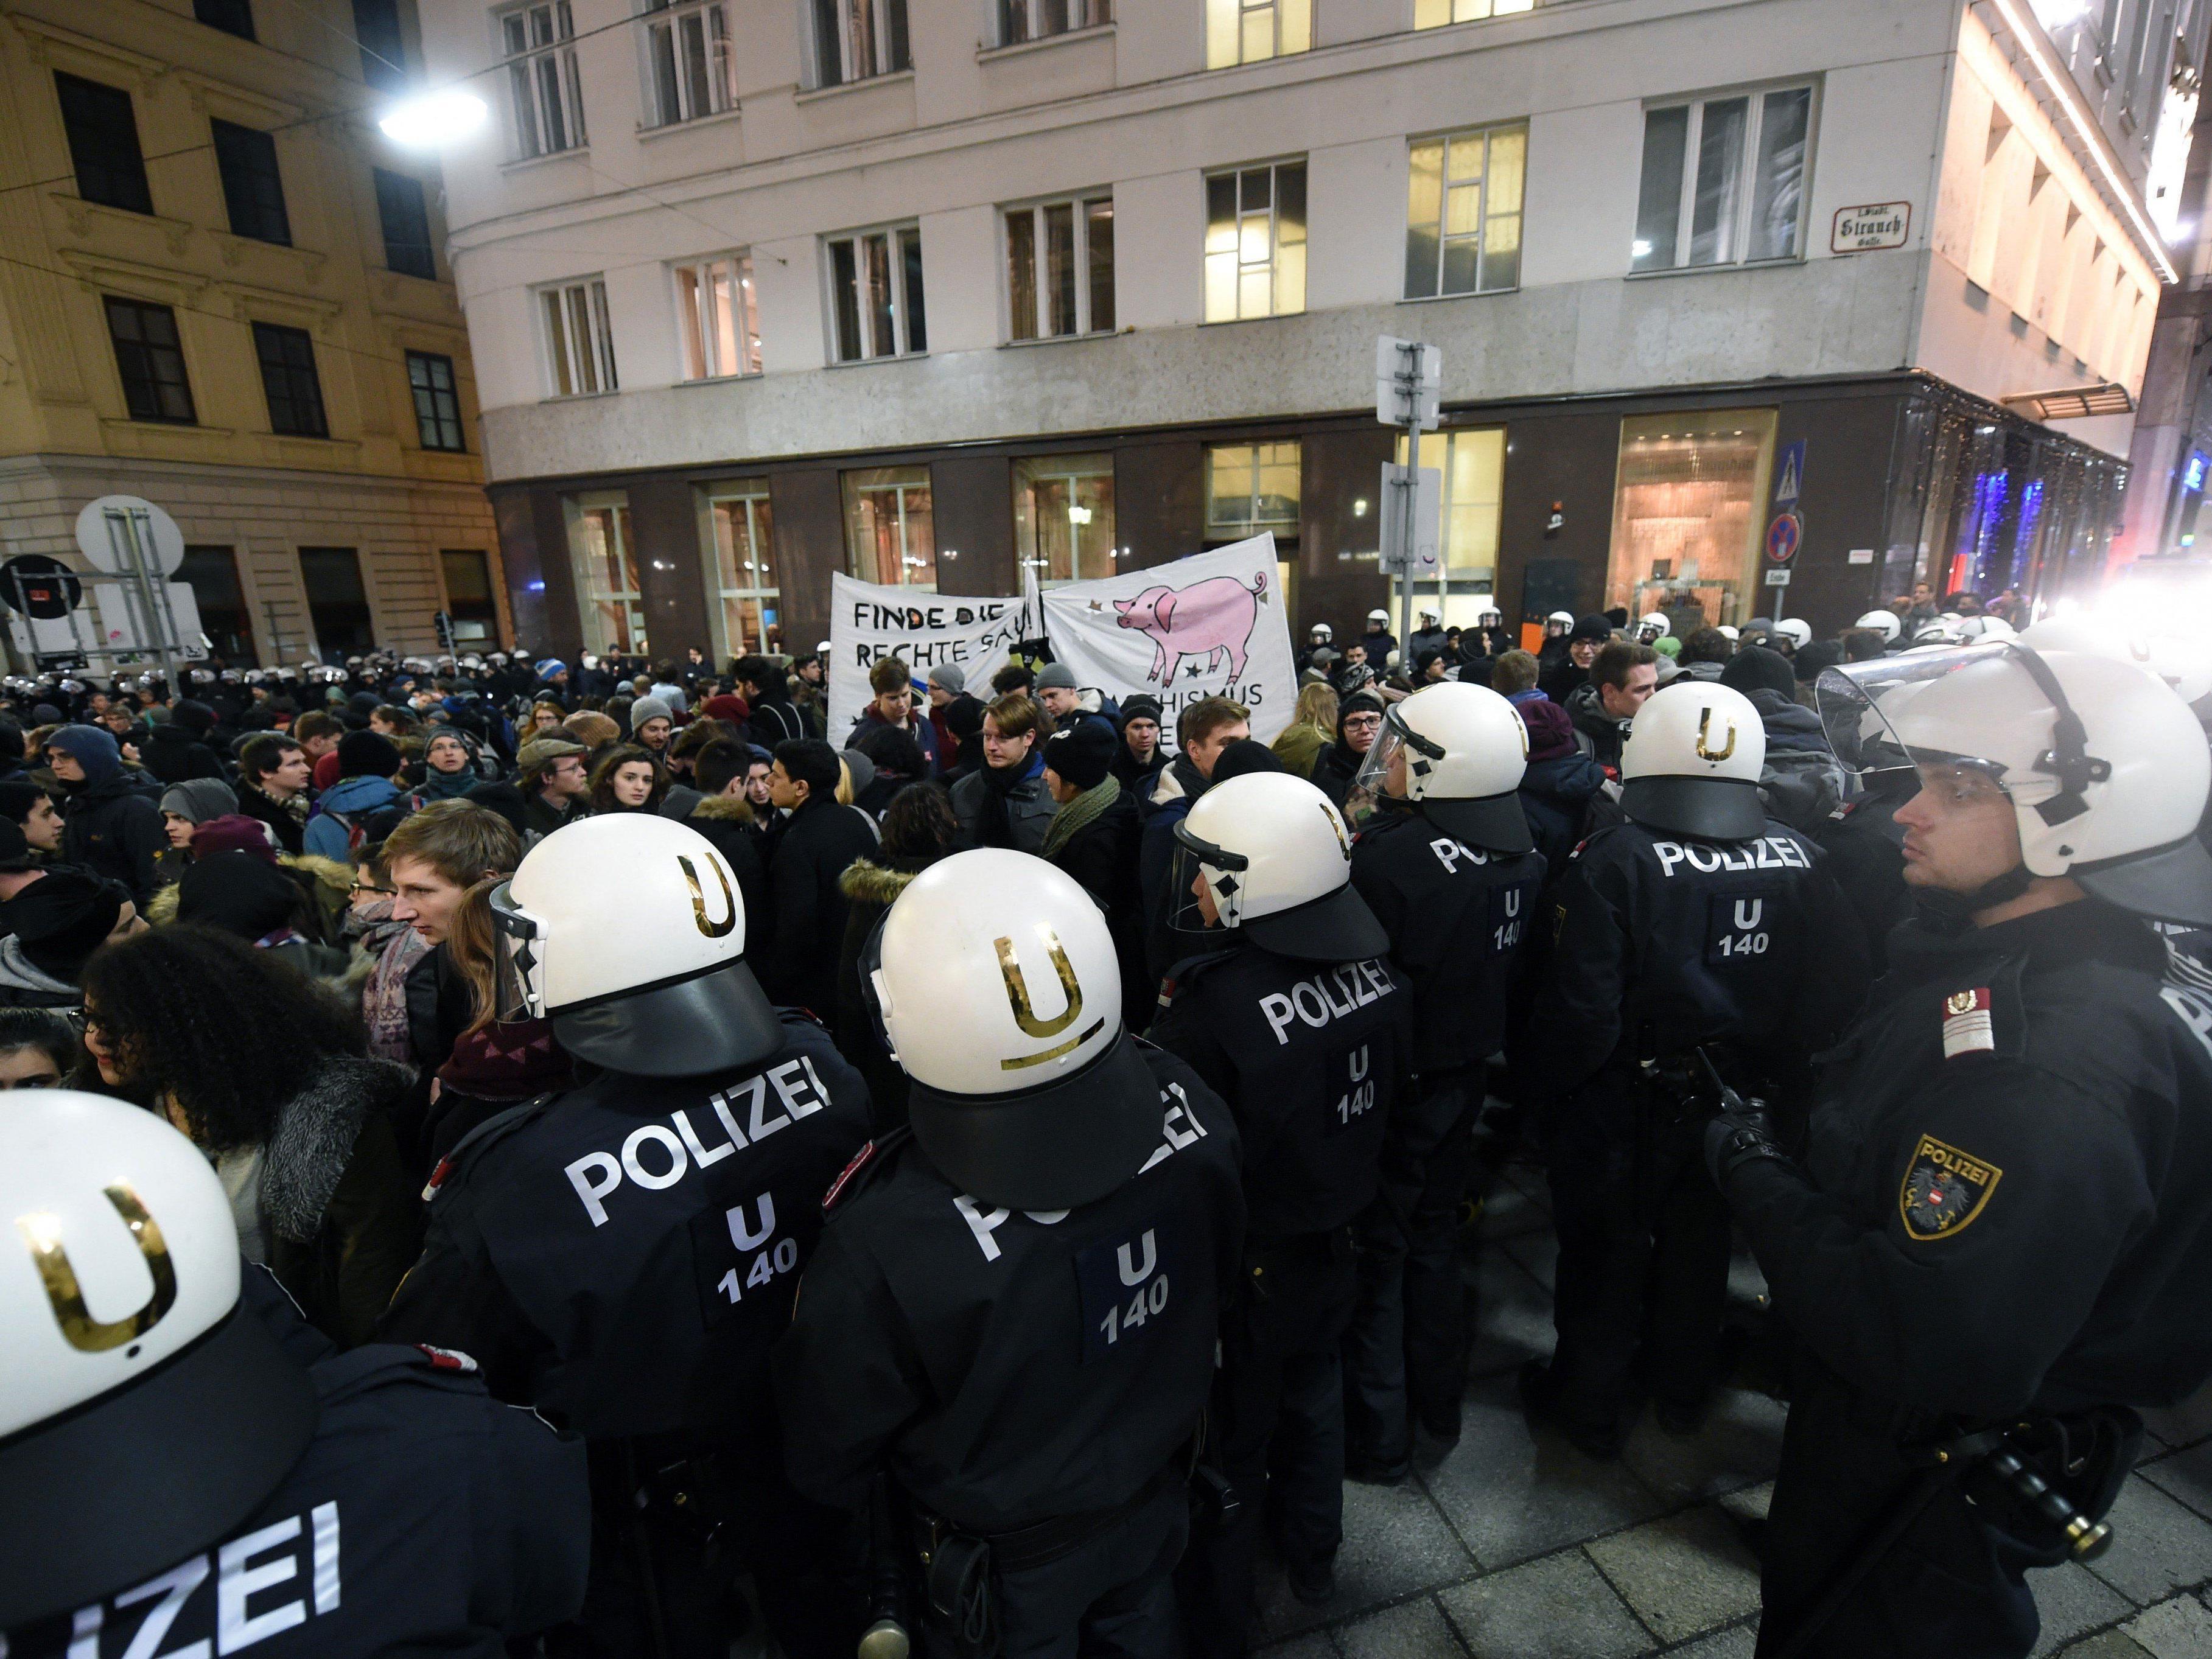 Proteste gegen den Akademikerball sind auch heuer wieder zu erwarten